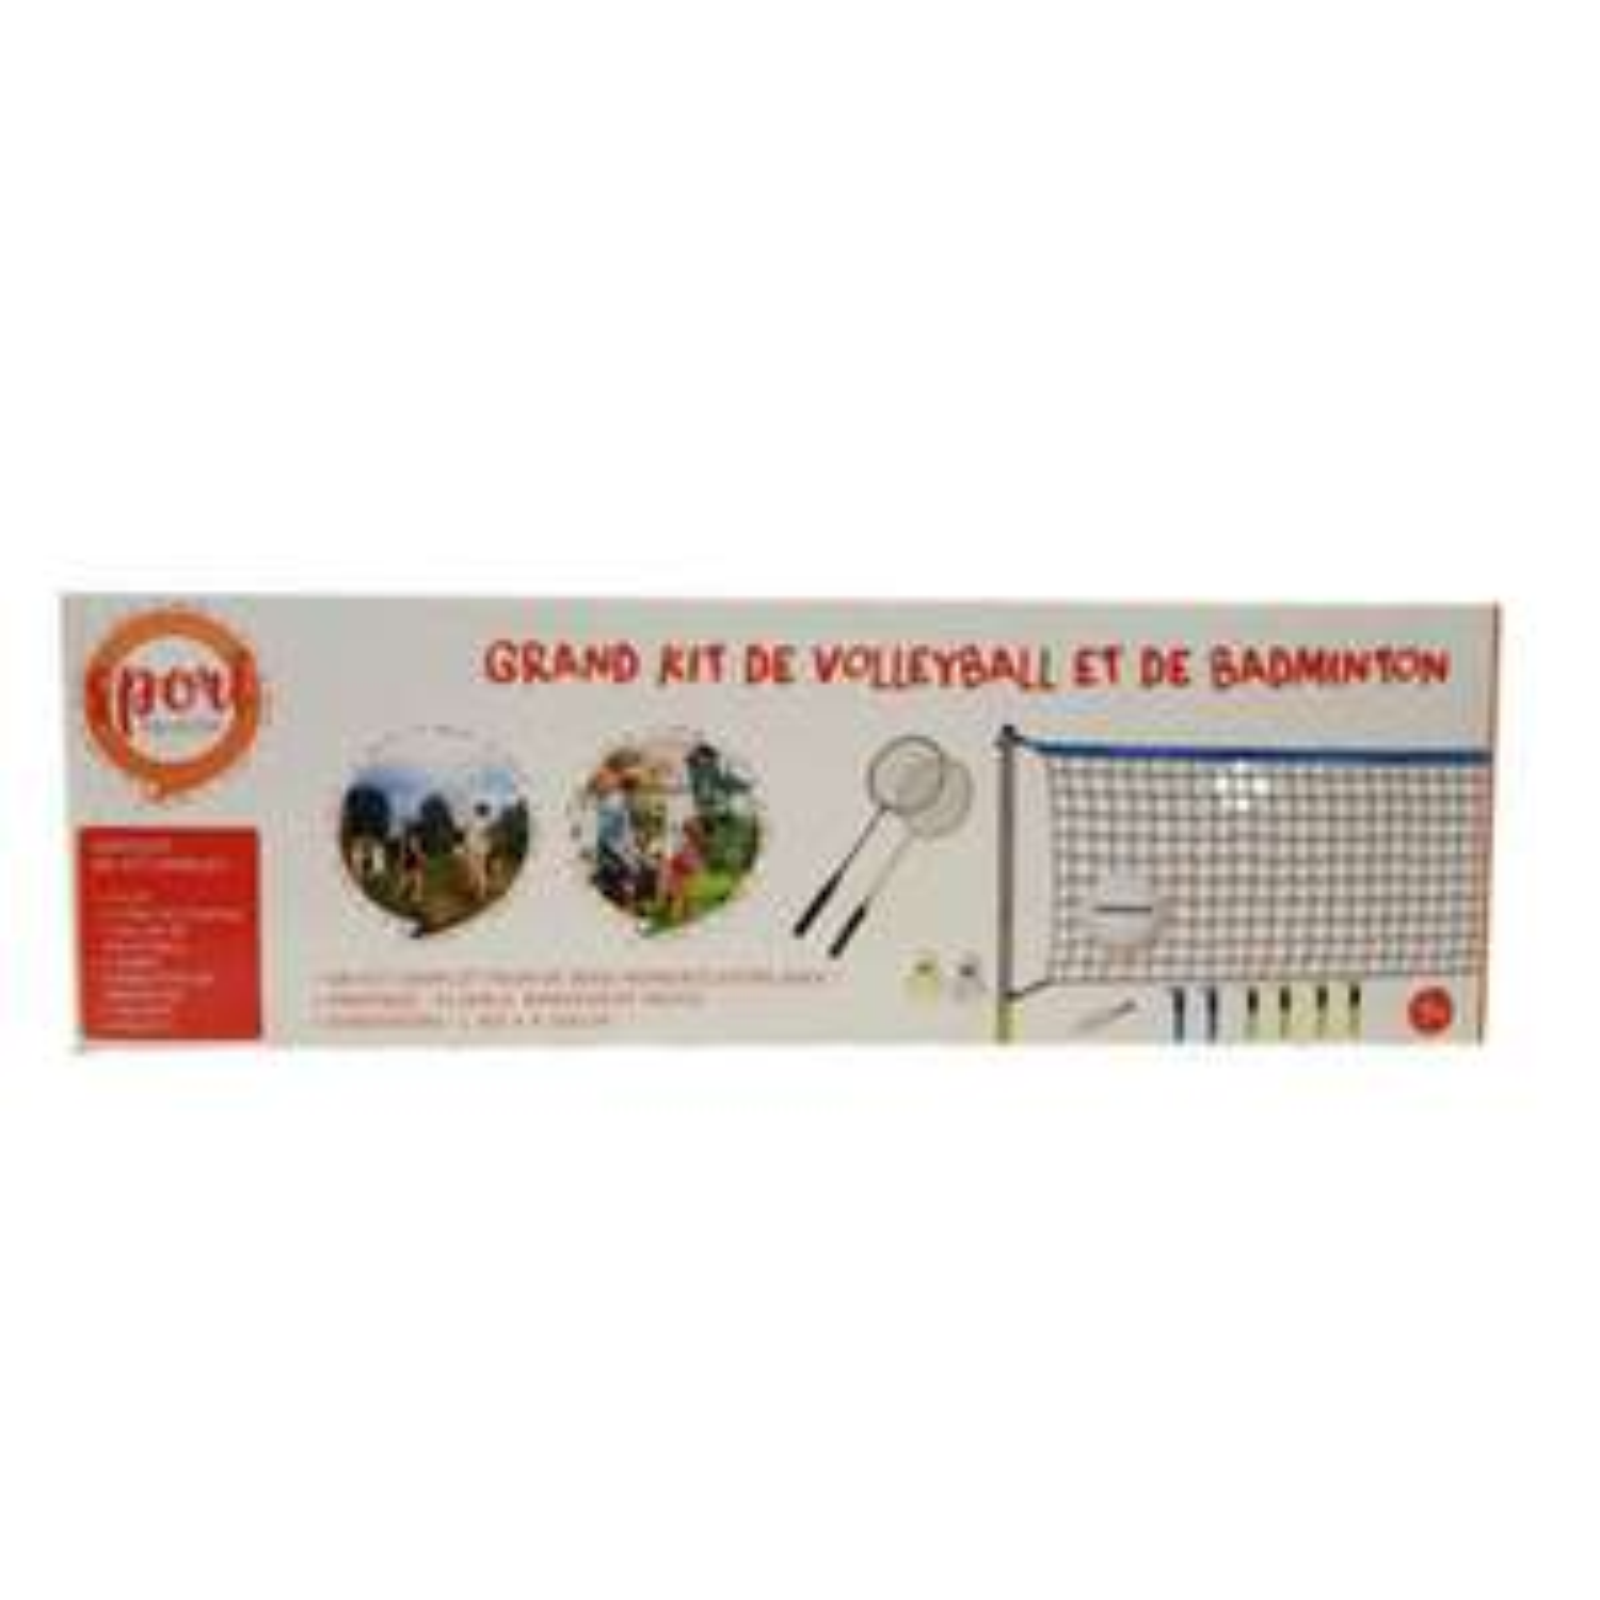 Grand Kit de Volleyball et de Badminton : 1 filet, 6 tubes de fixation, 1 ballon, 1 pompe, 2 raquettes, 2 volants et 6 piquets